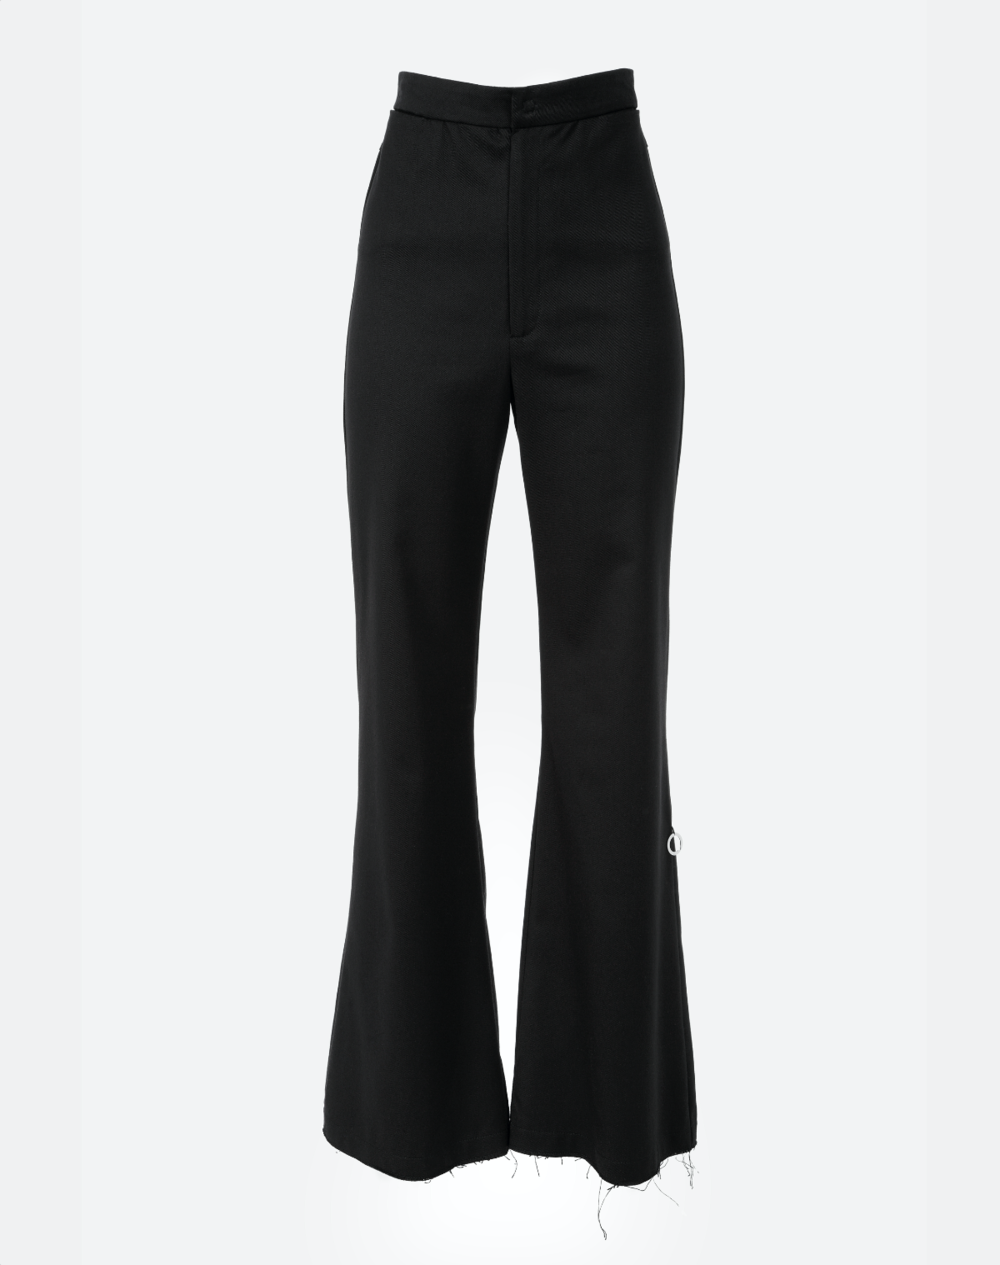 Spodnie Margaux z kolekcji Six Essential Pants, projekt Ania Kuczyńska